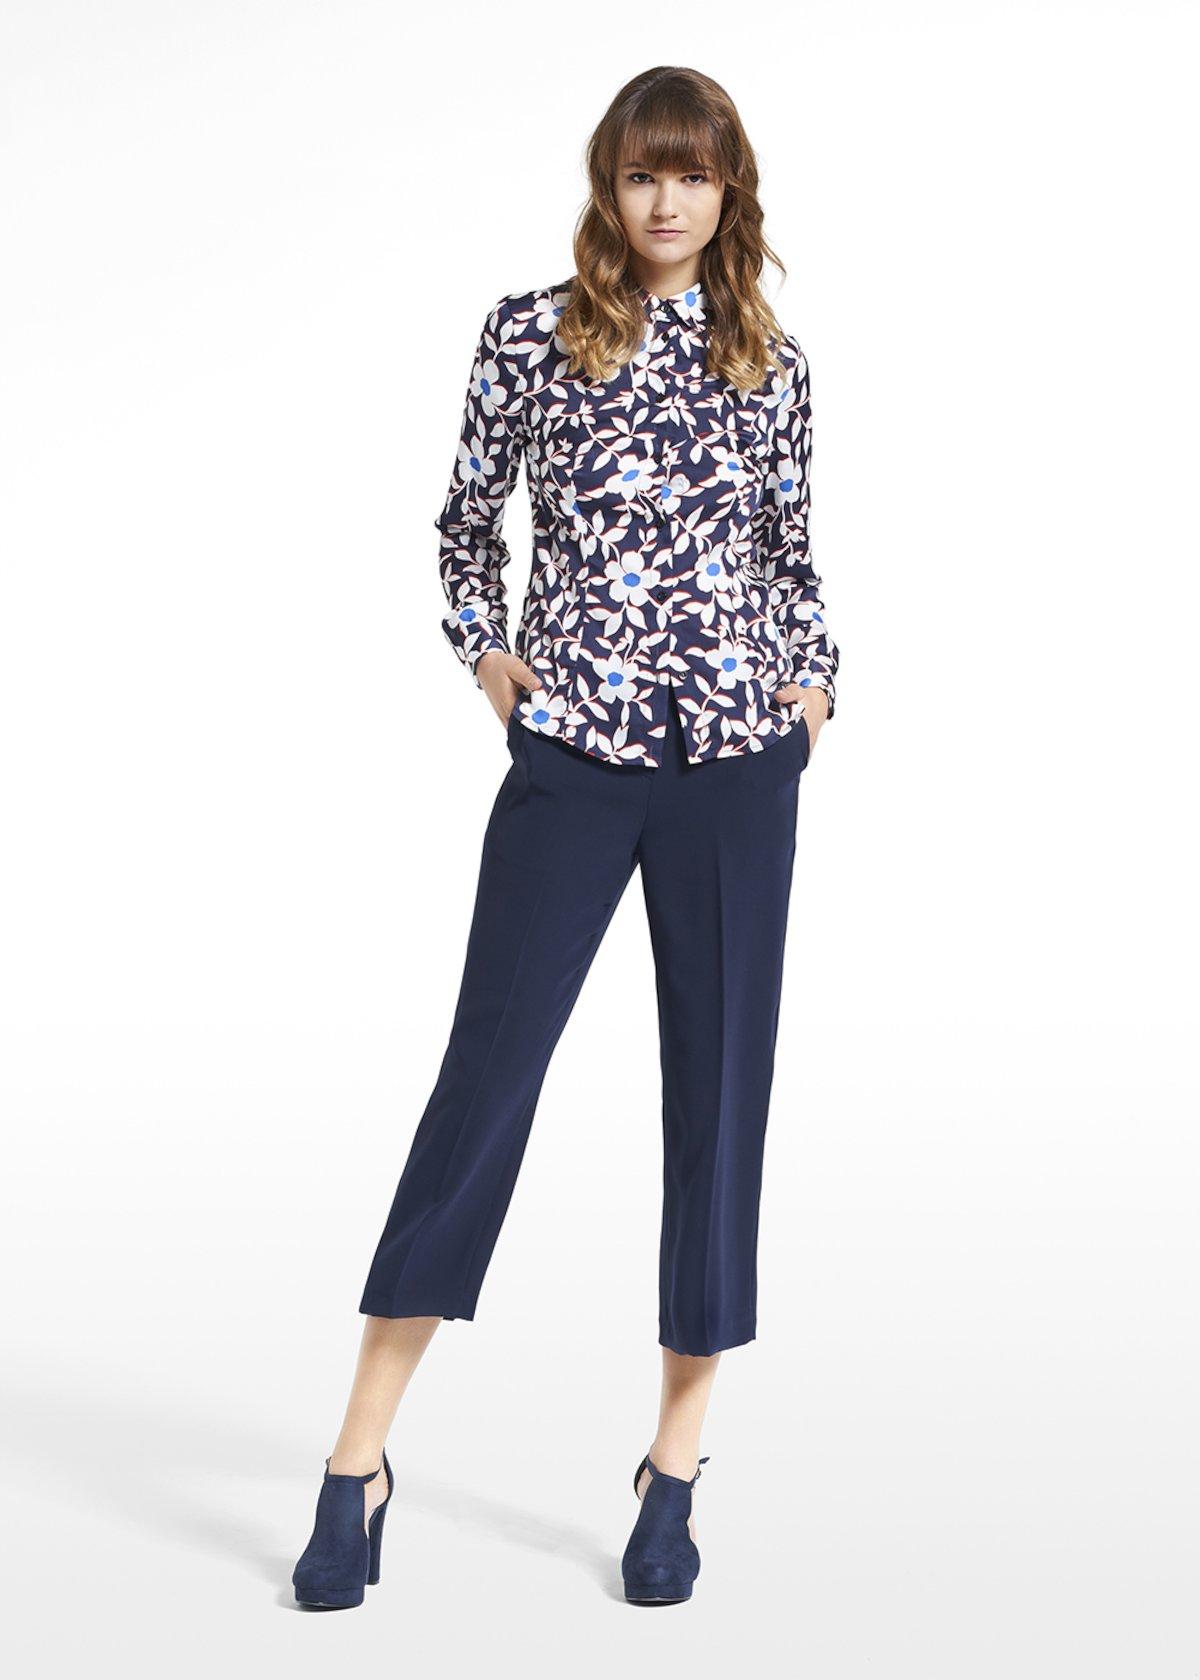 Patterned blue jasmine blouse Camila - Blue / White Fantasia - Woman - Category image